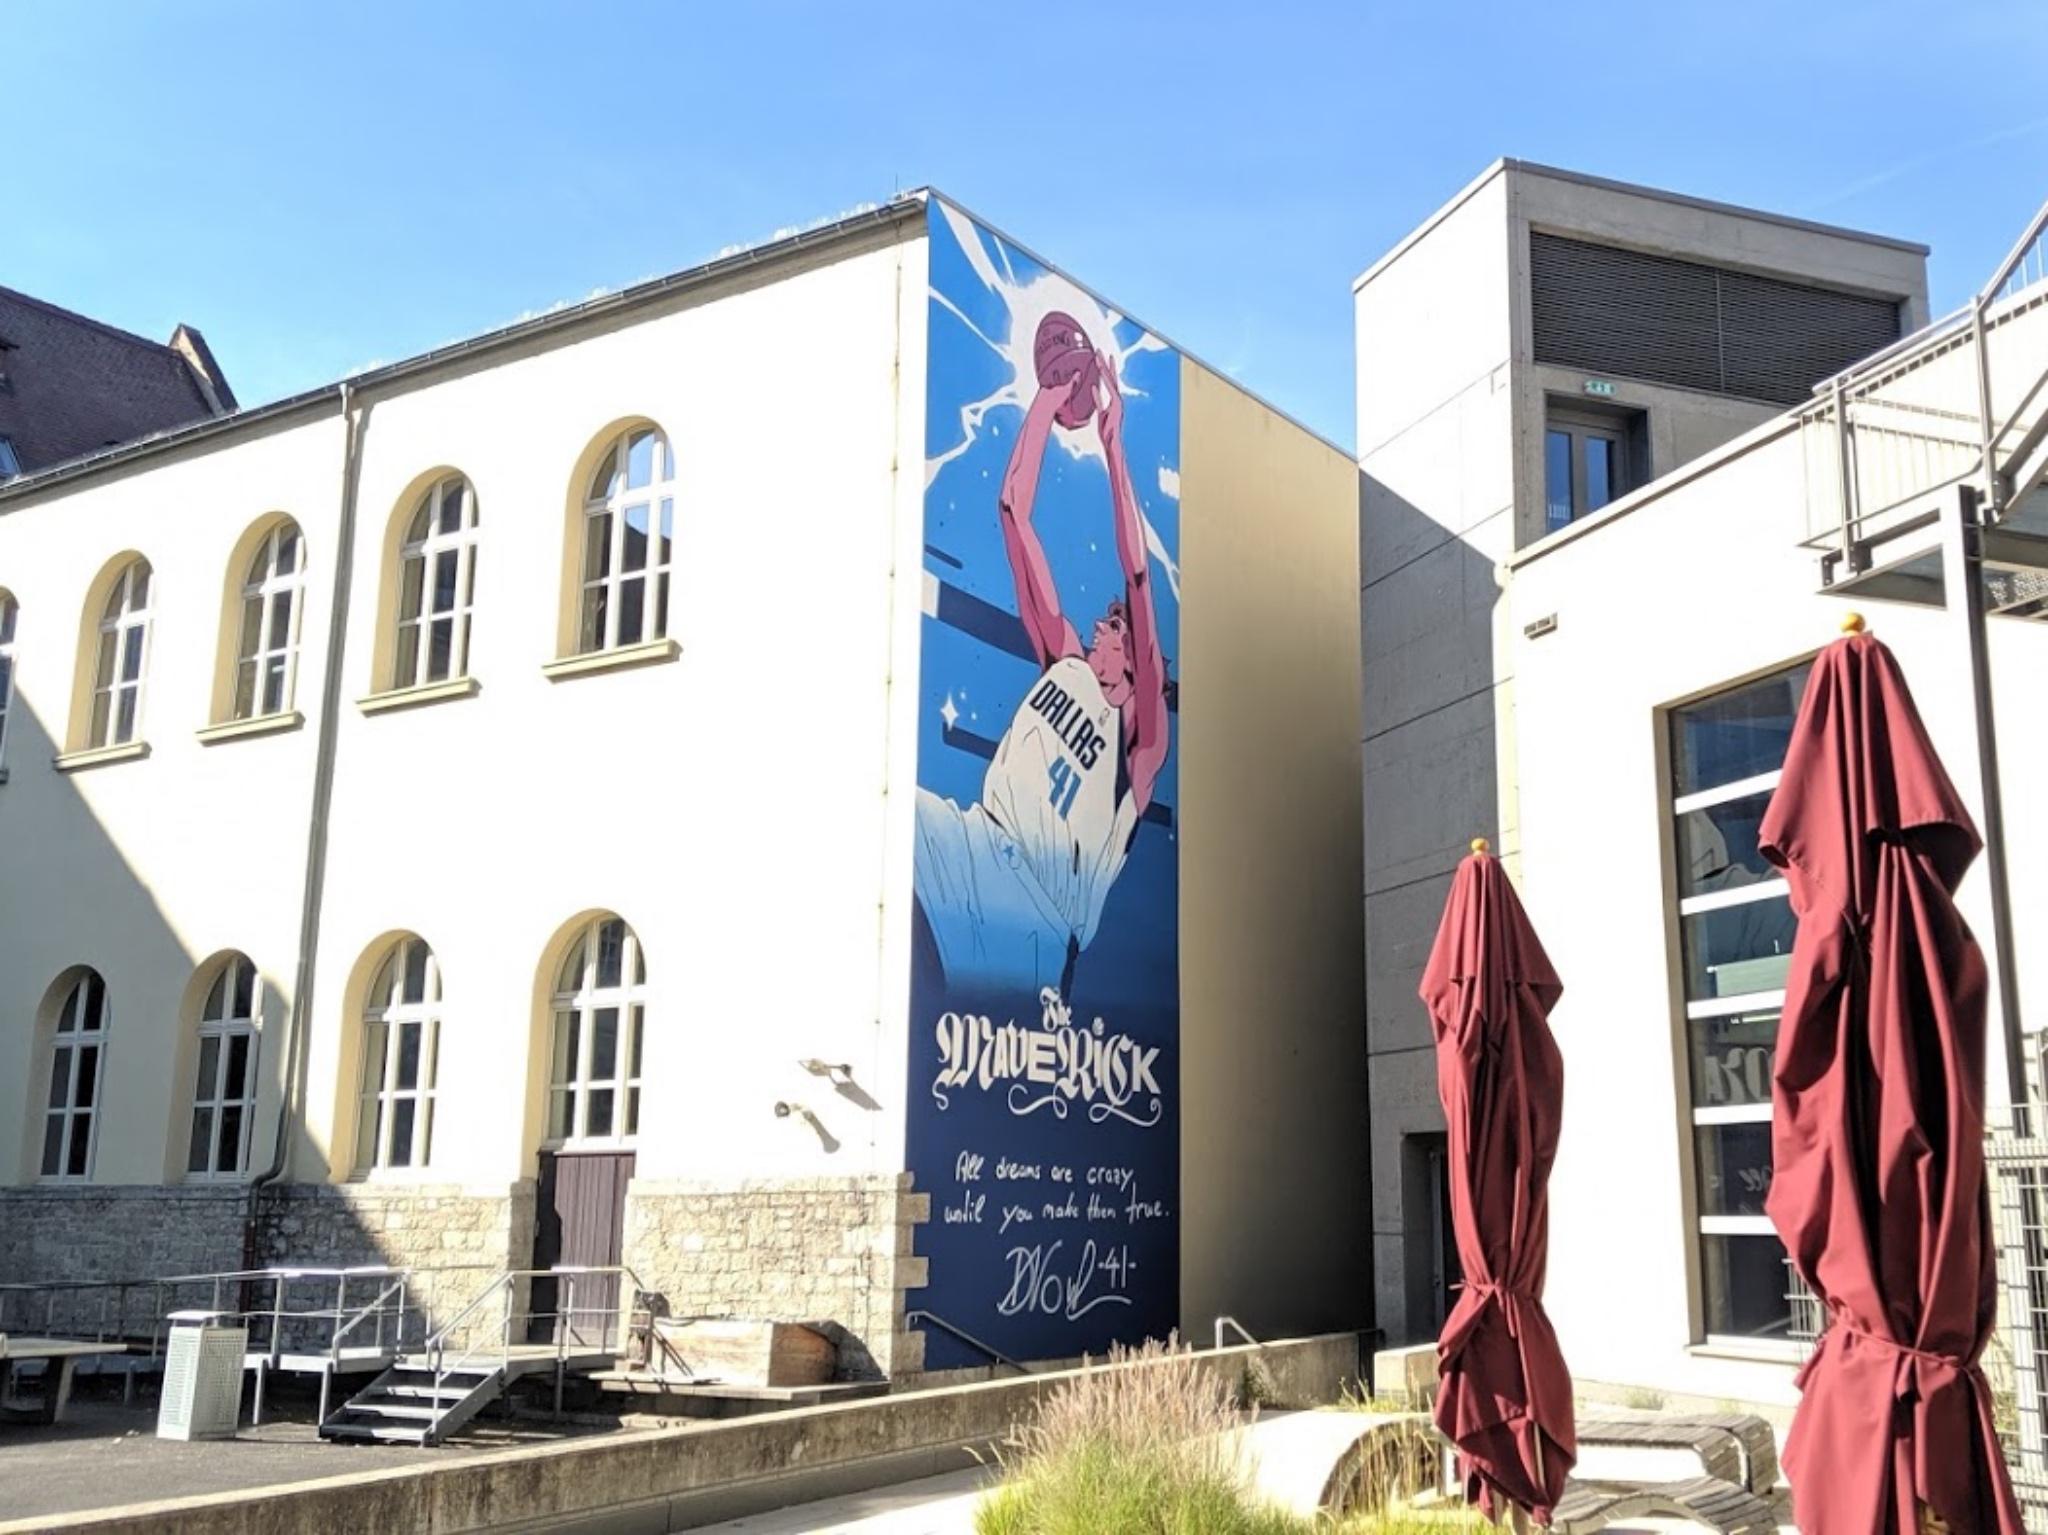 Die Turnhalle des Röntgen-Gymnasiums ziert nun ein Wandgemälde mit Dirk Nowitzki darauf. Foto: CJP